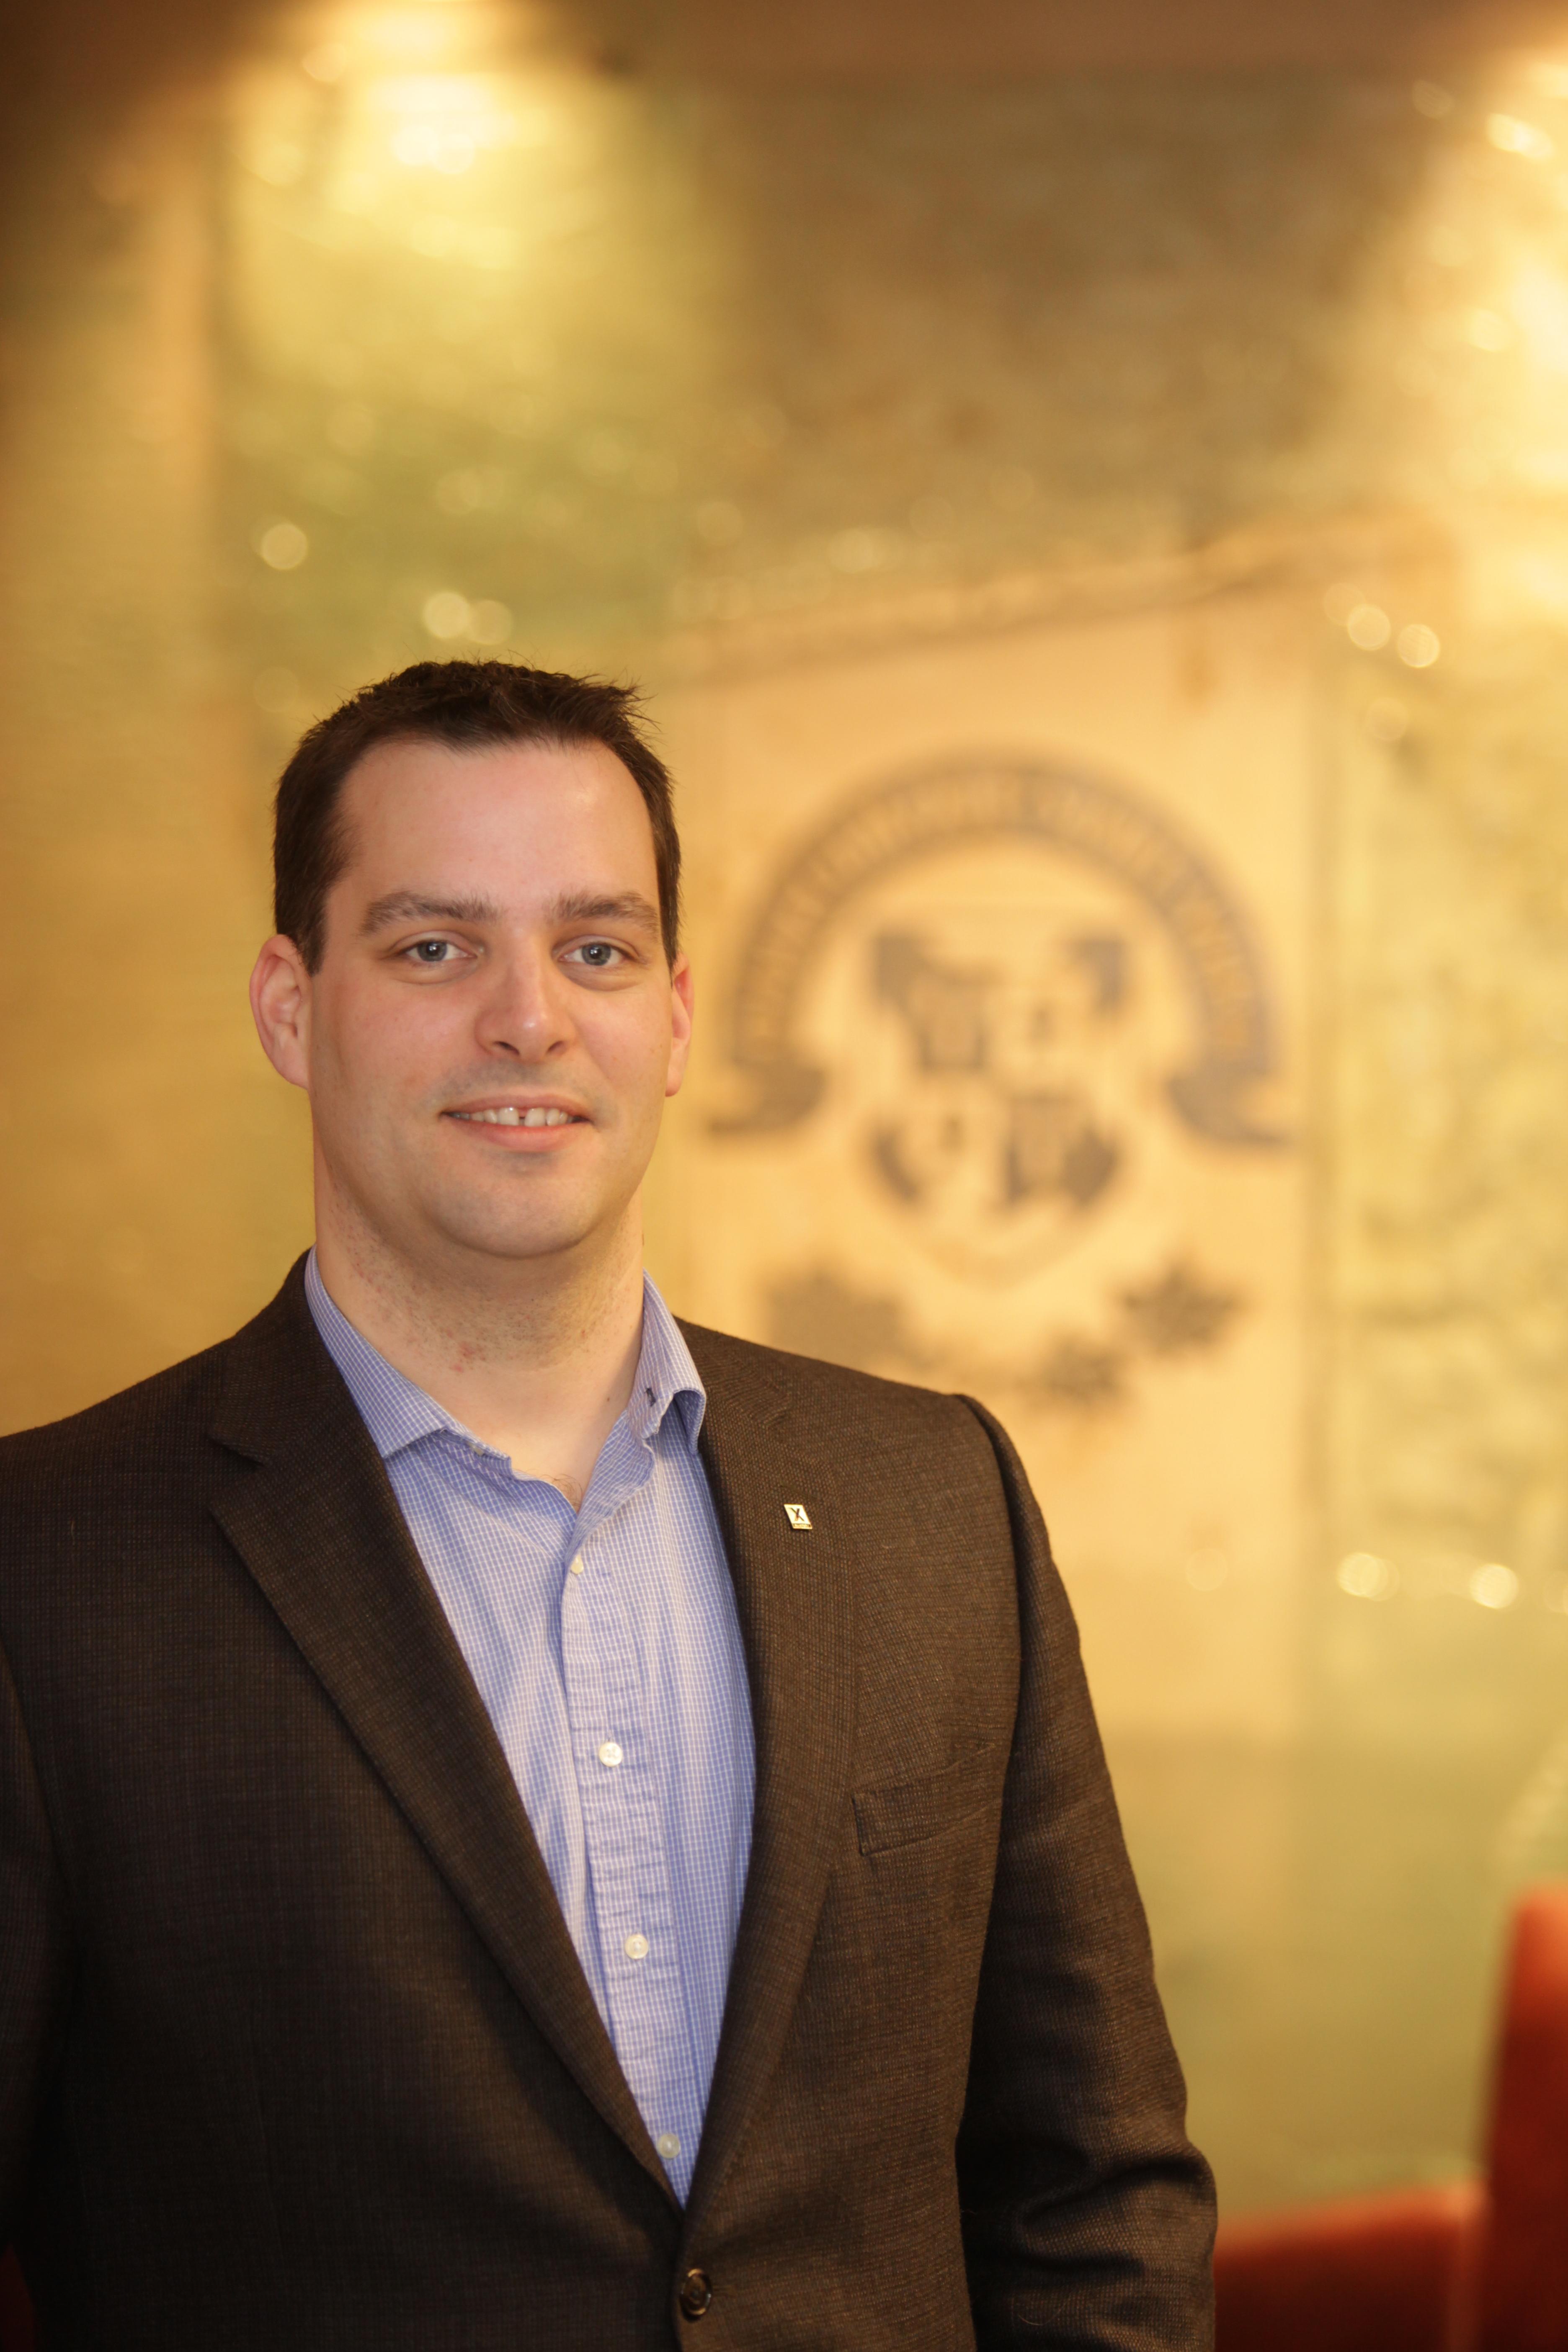 Alumni Association President Glenn Horne